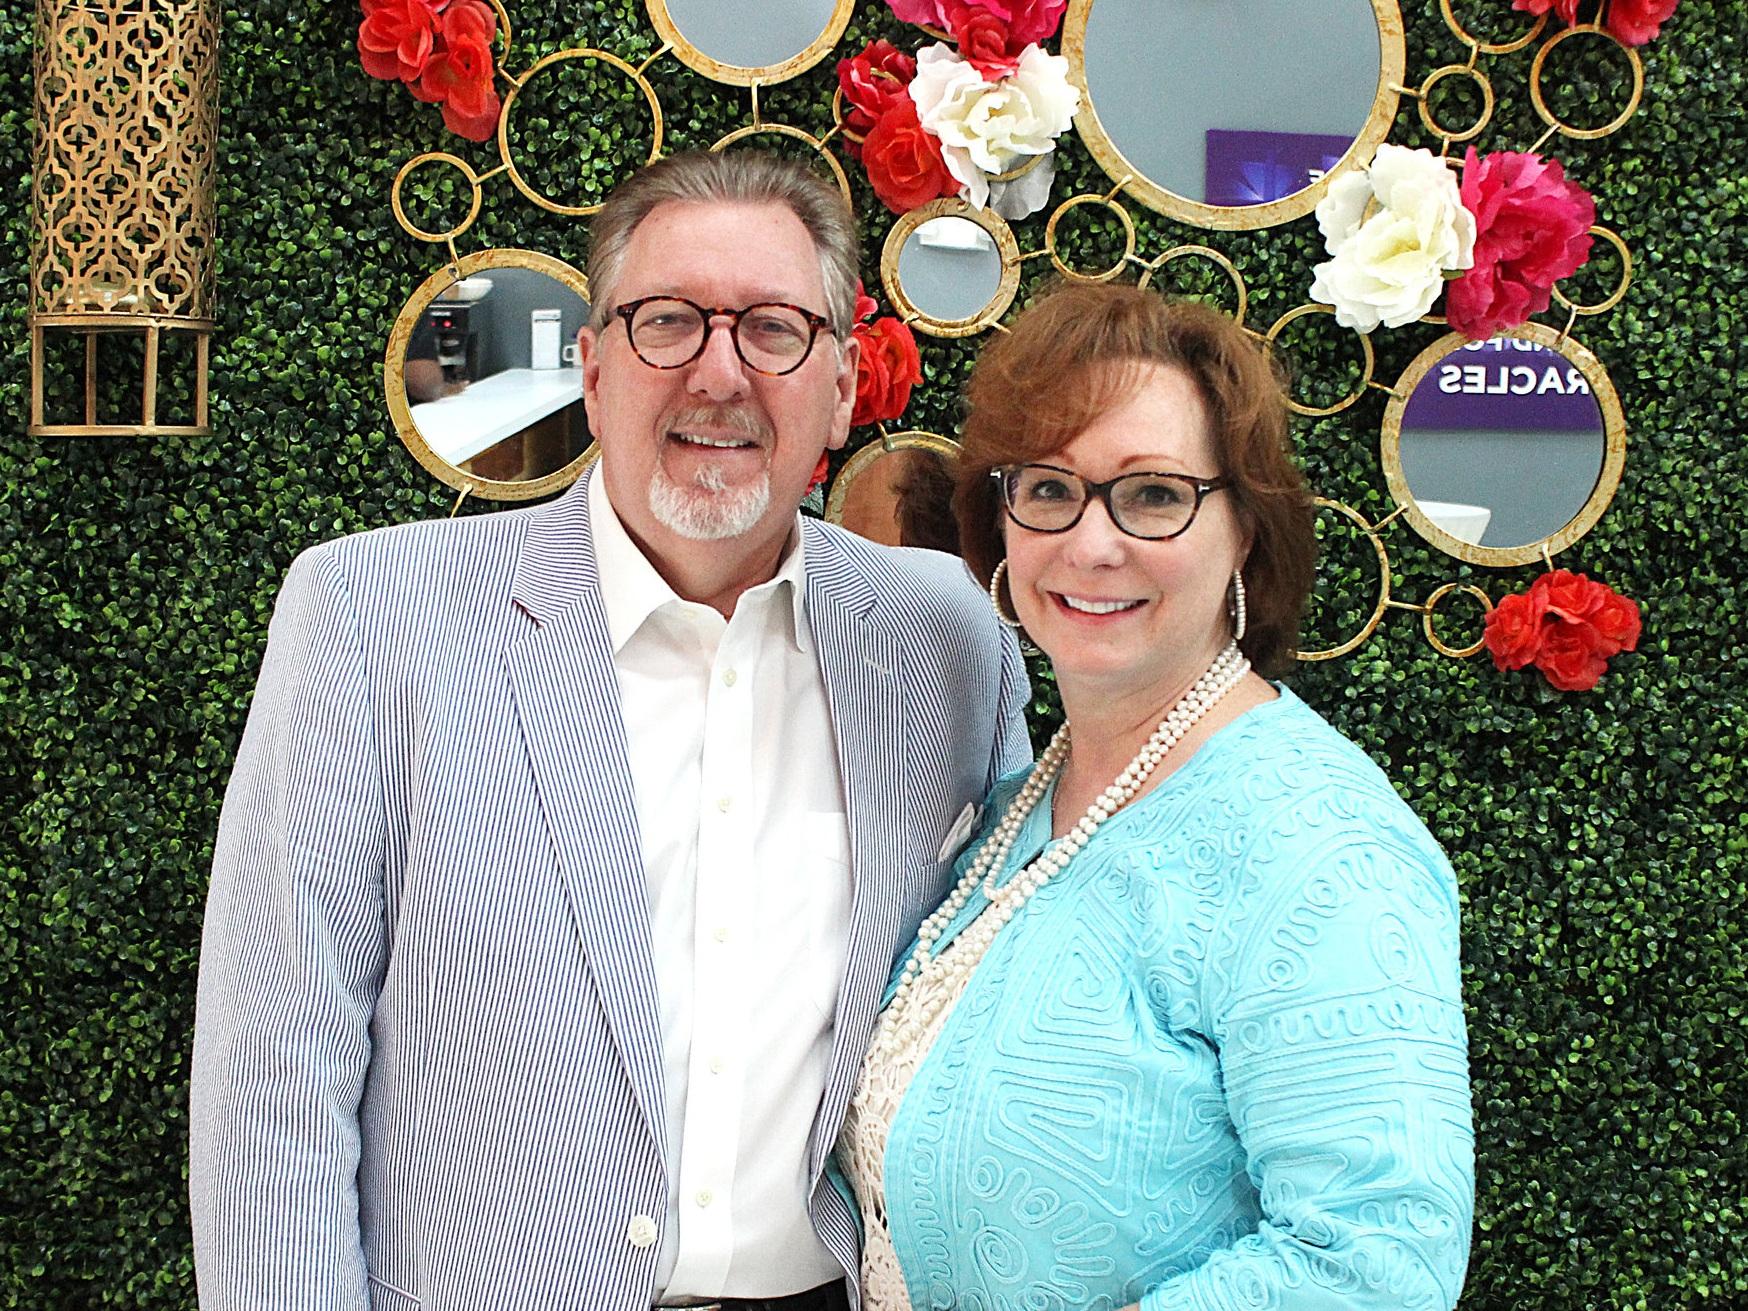 Dr. Tim & Sheryl Brewer  Counselors  Contact:  tim@judahcarecenter.org